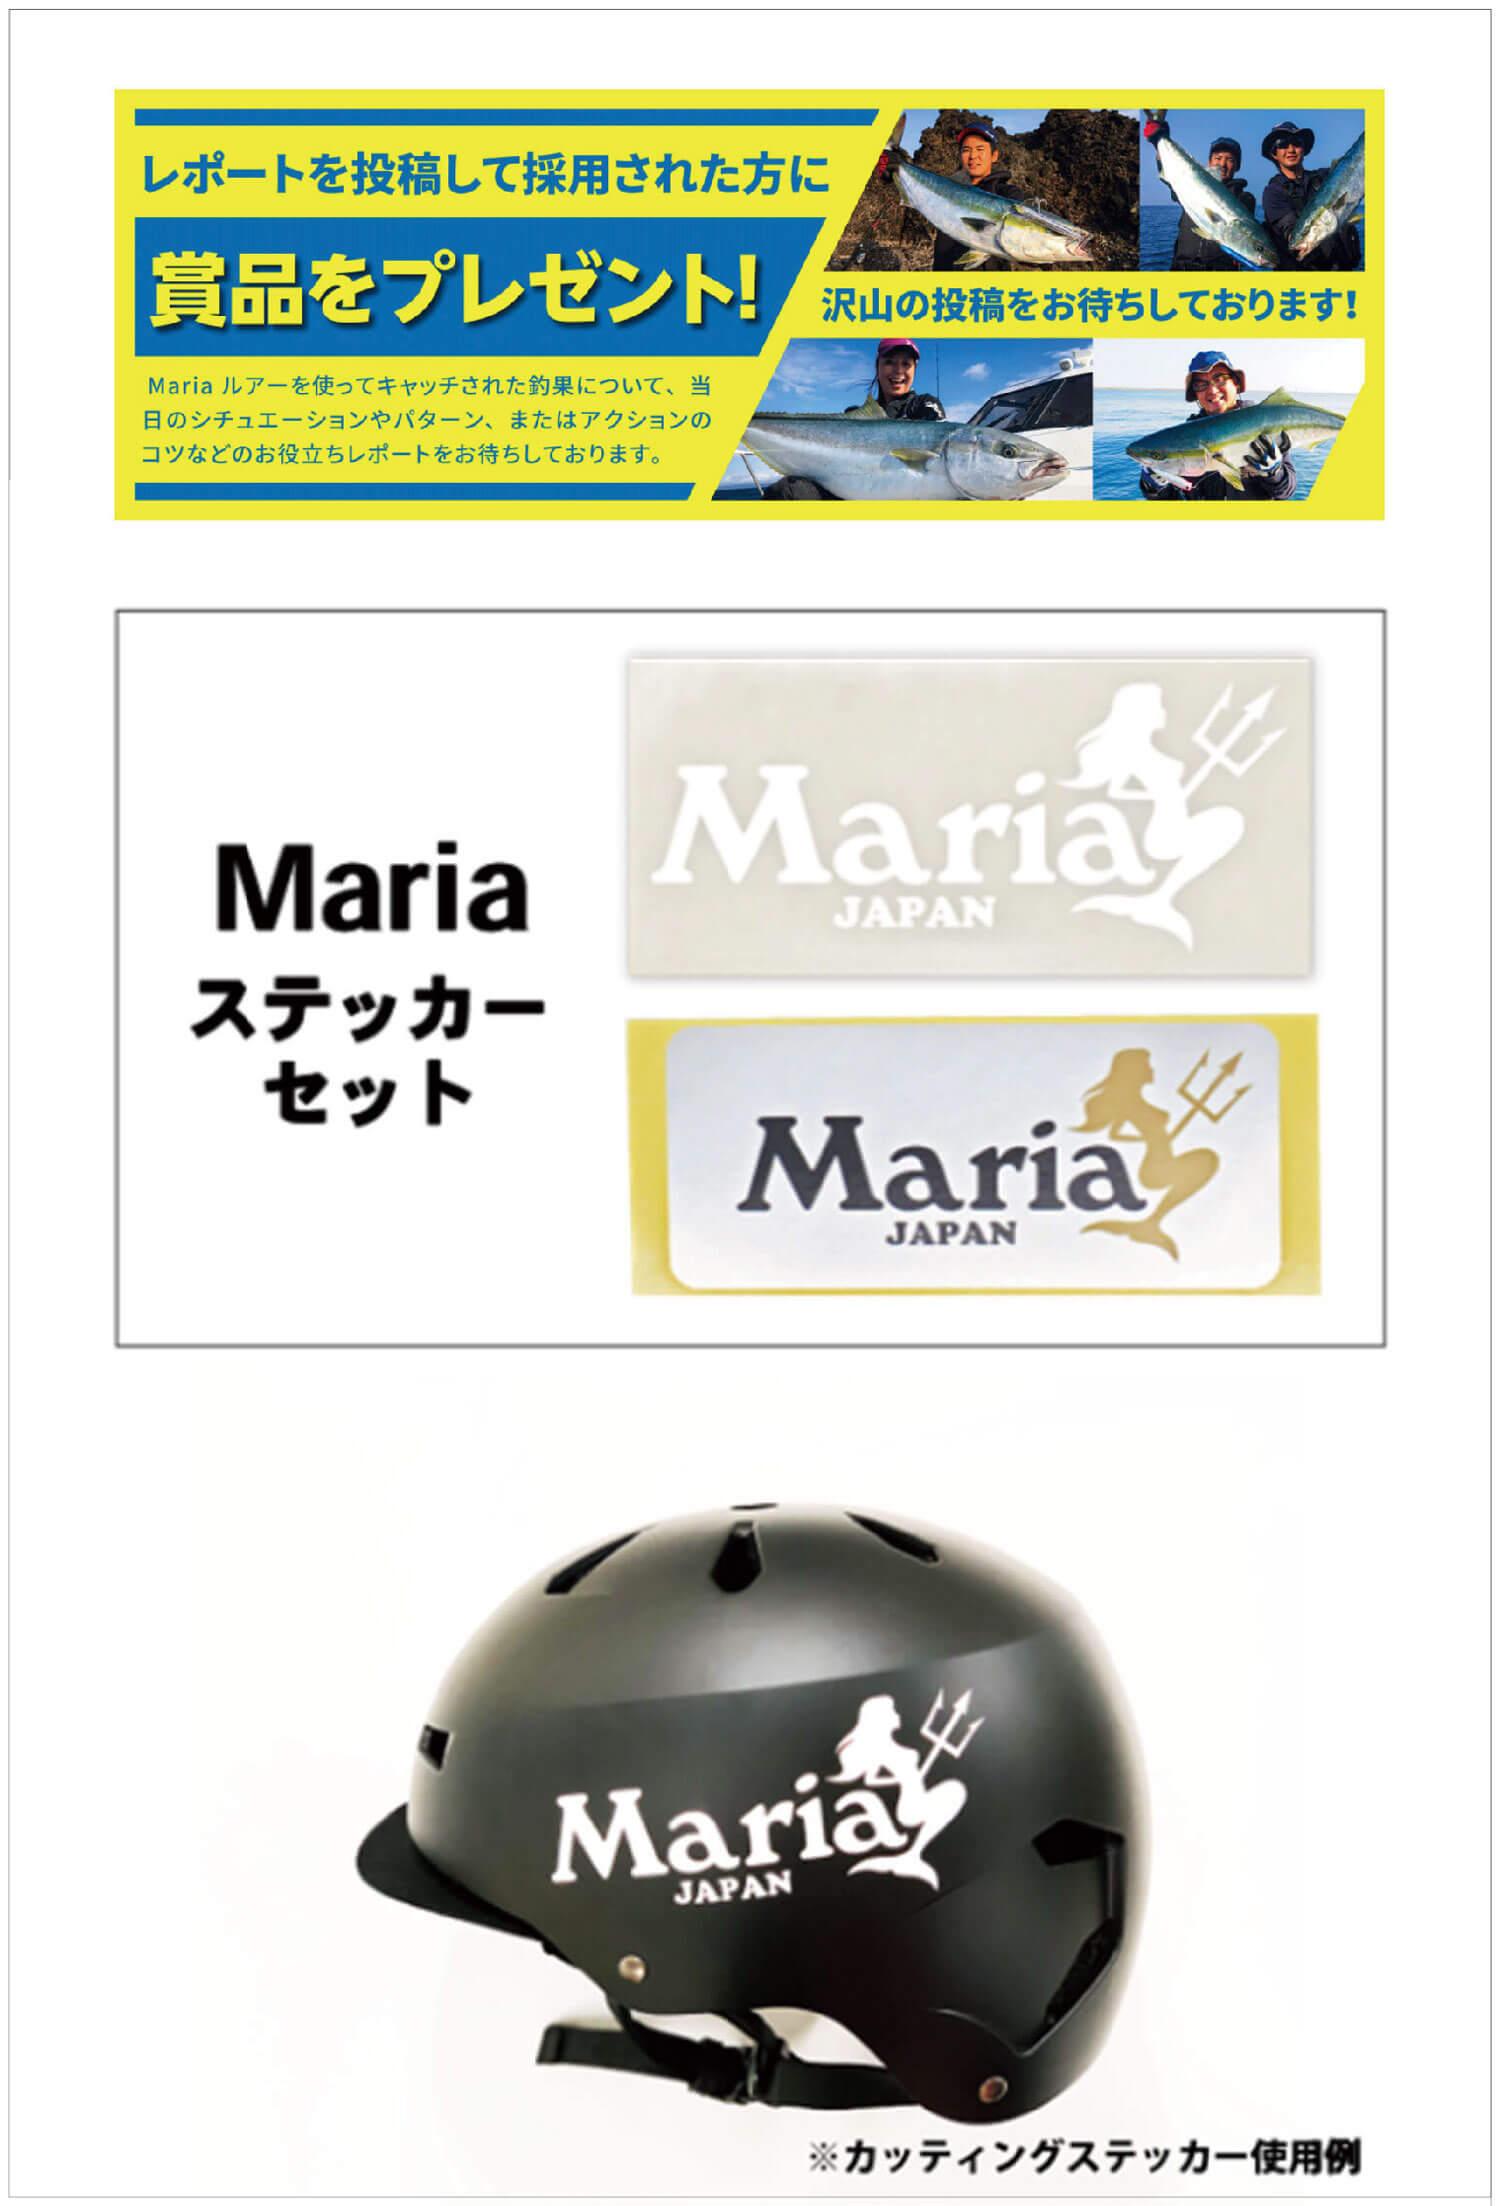 Maria ユーザーレポート 釣果情報3